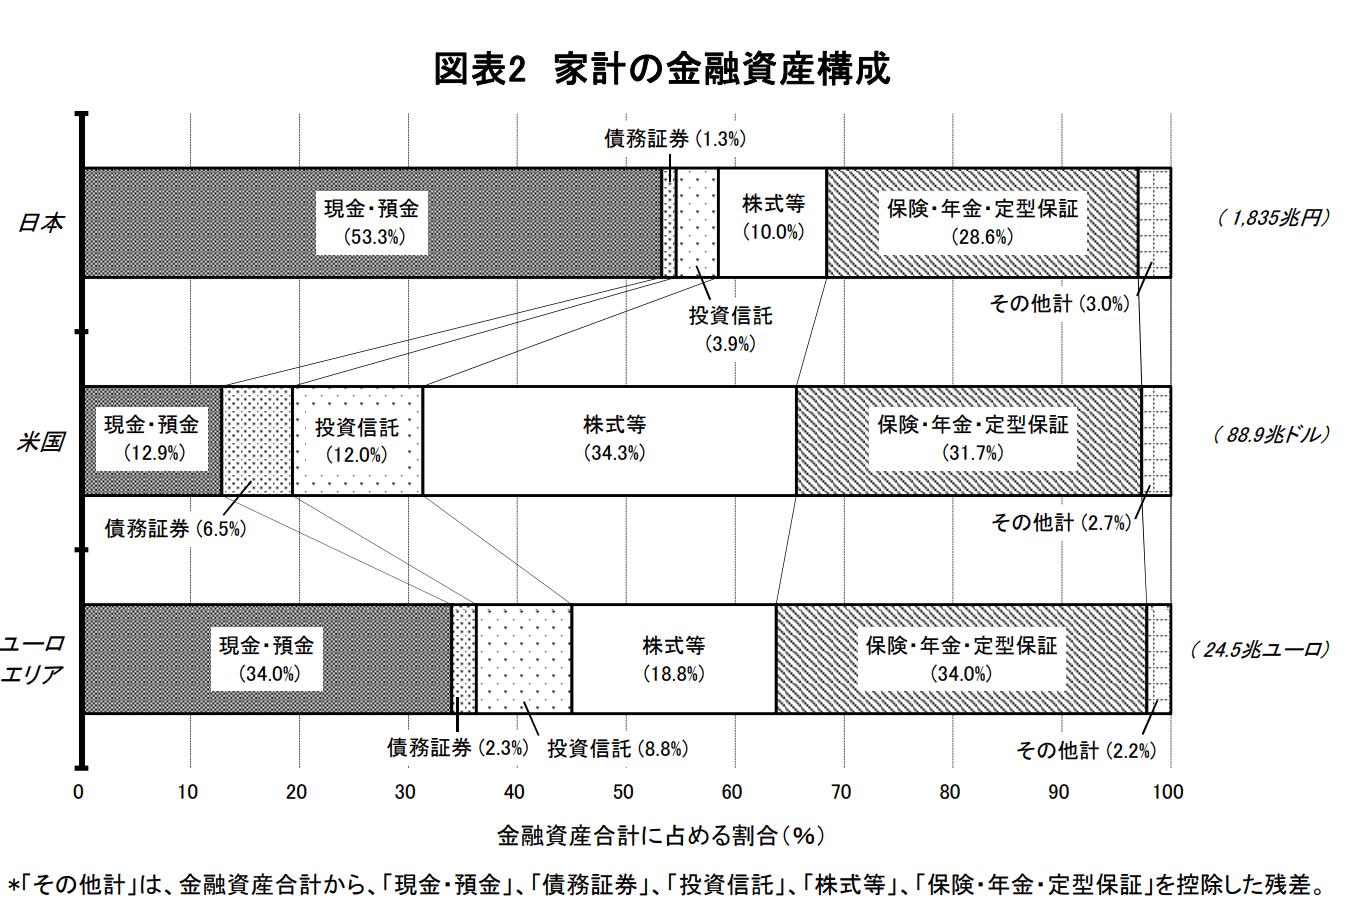 日米の家計の金融資産構成